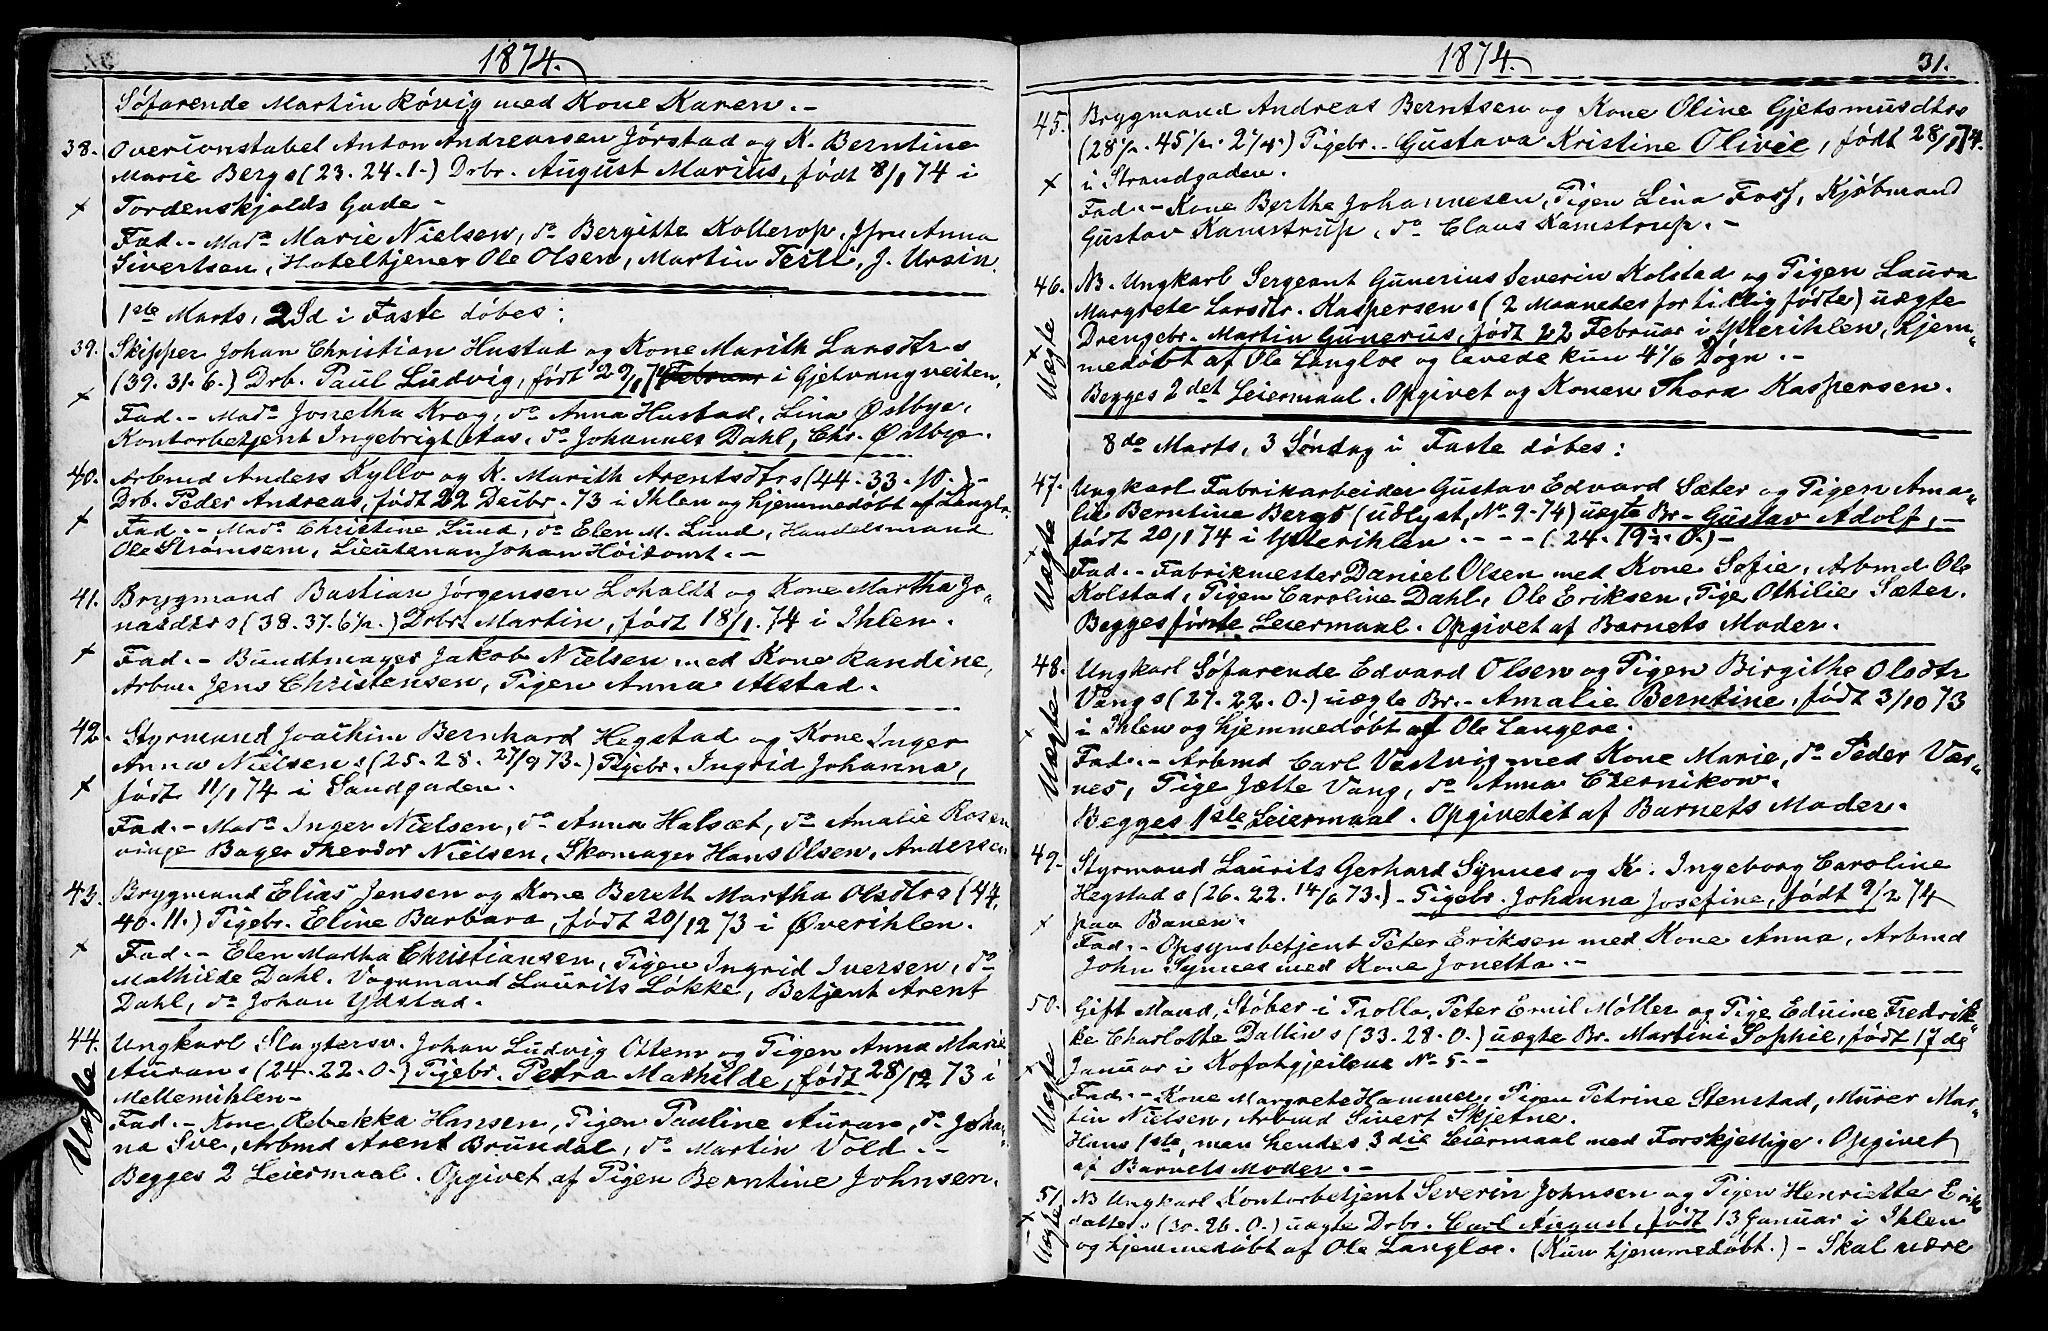 SAT, Ministerialprotokoller, klokkerbøker og fødselsregistre - Sør-Trøndelag, 602/L0142: Klokkerbok nr. 602C10, 1872-1894, s. 31